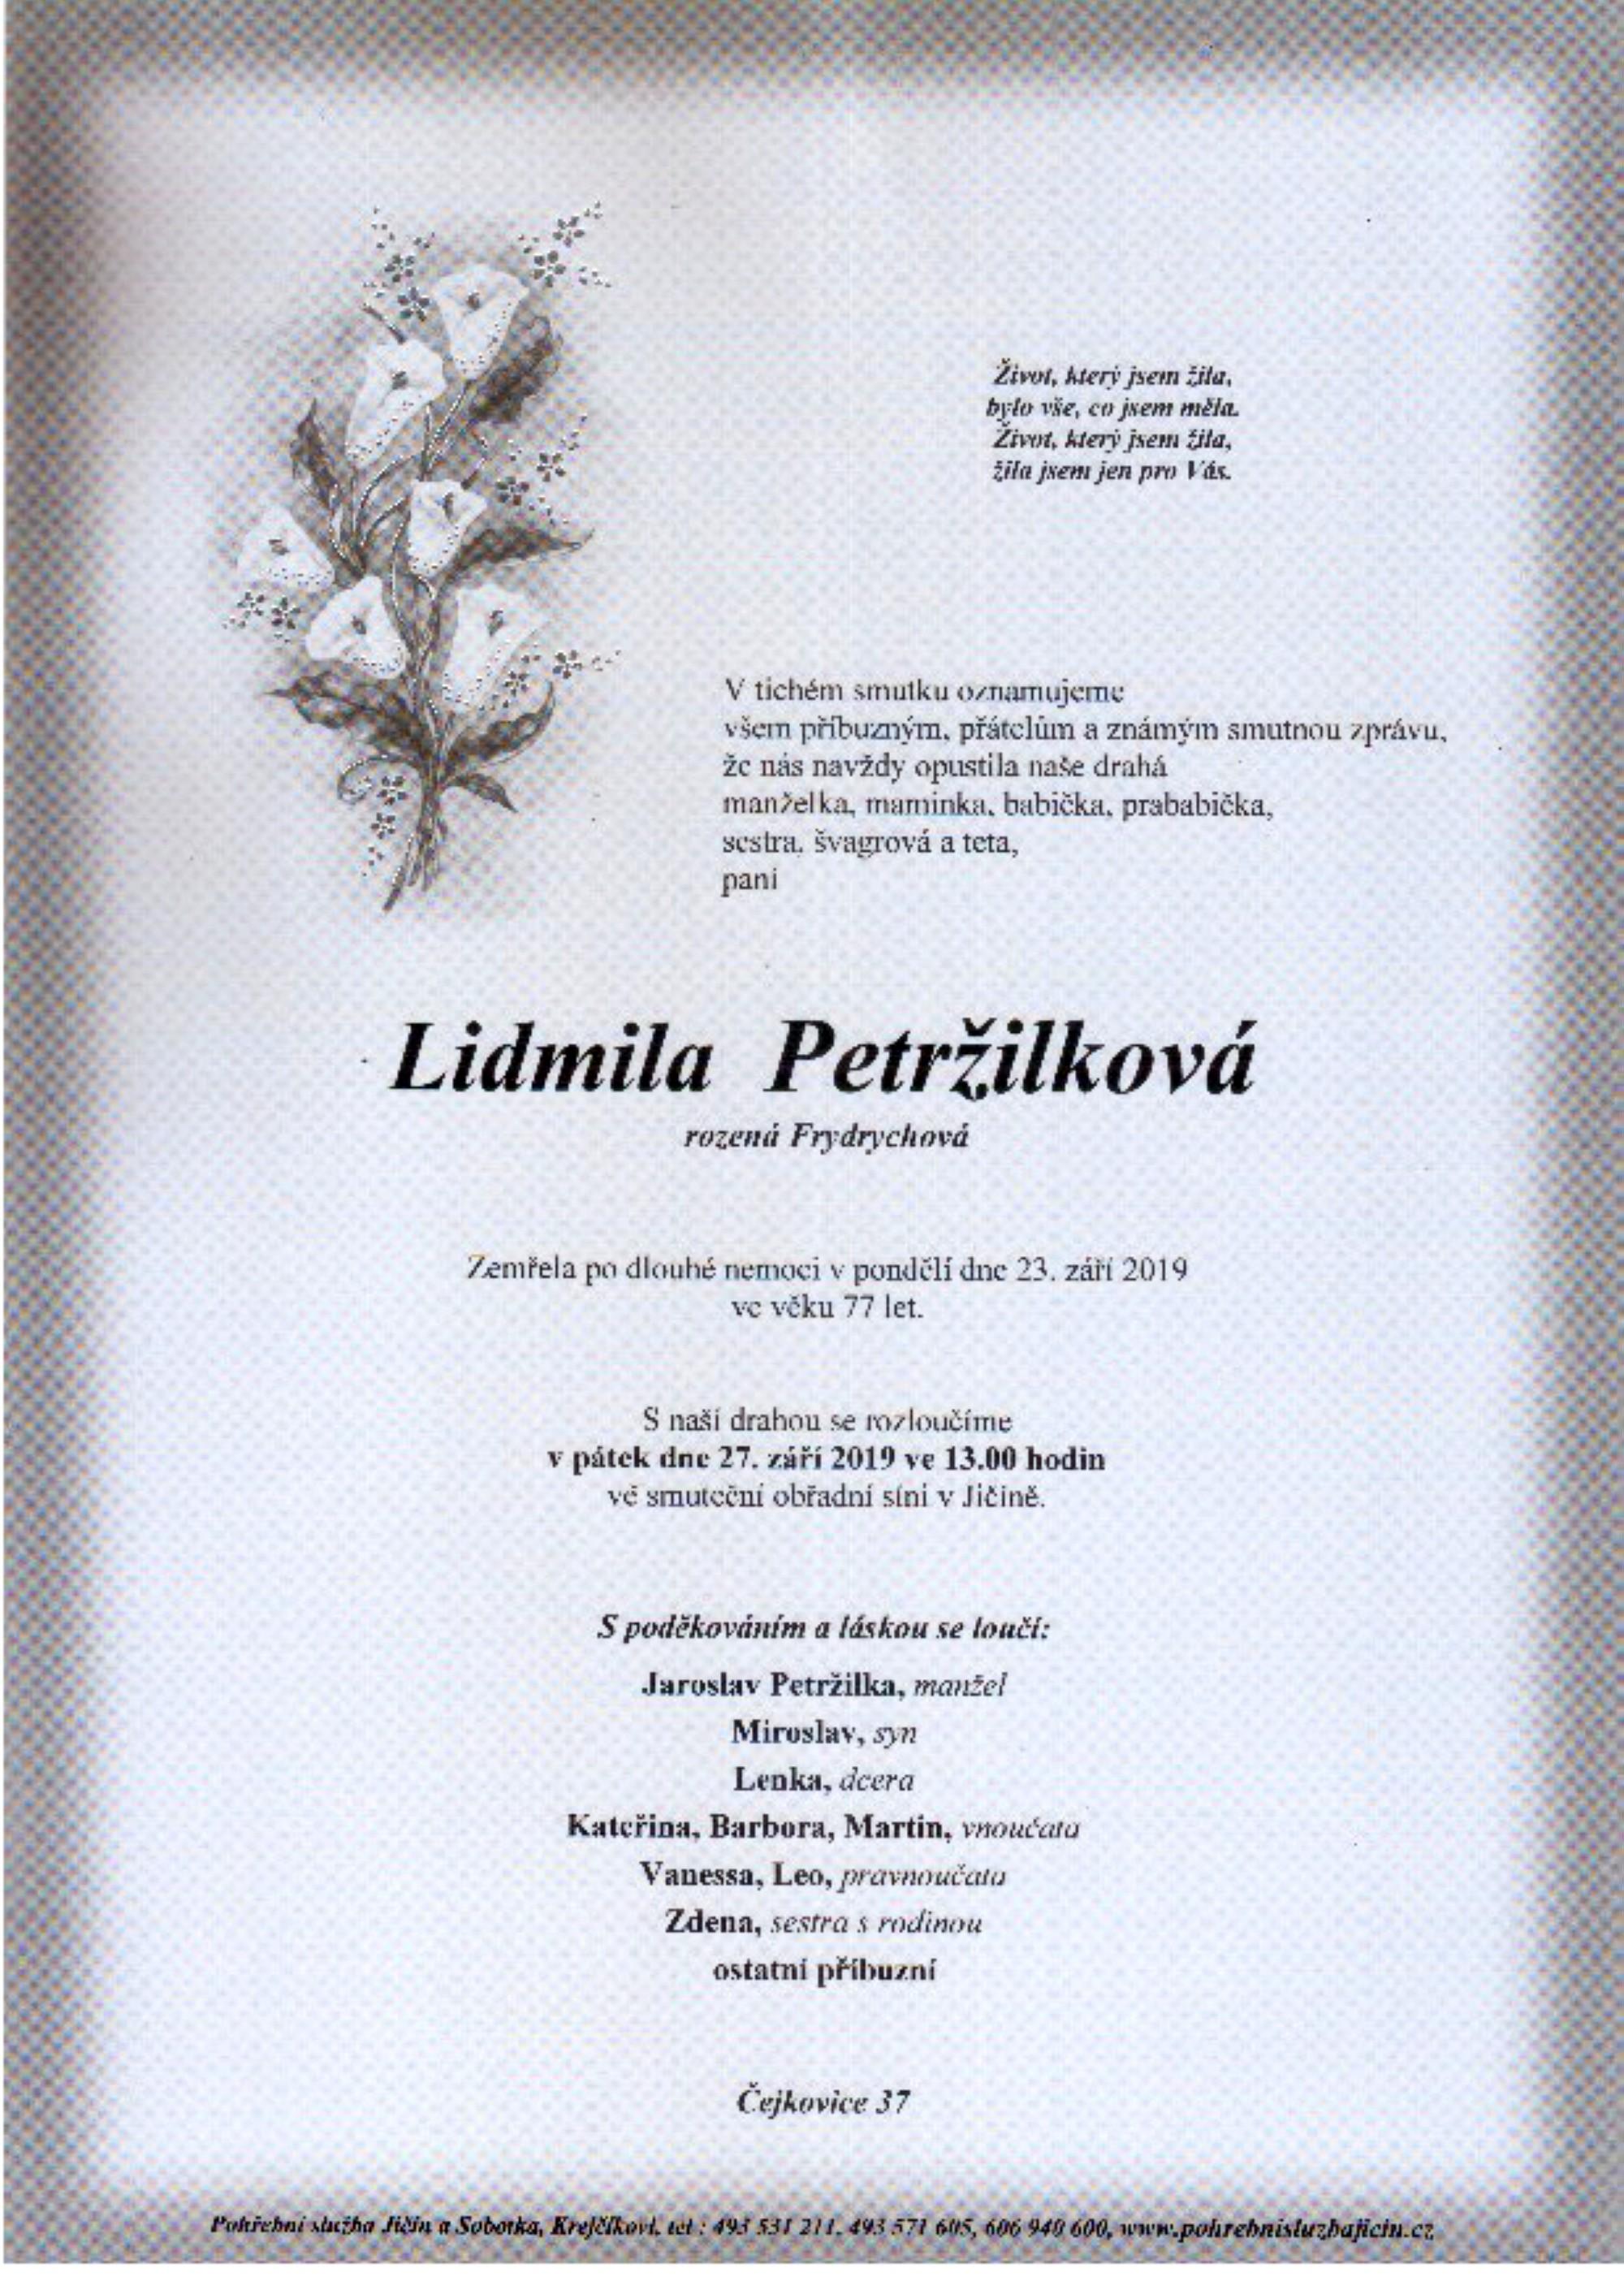 Lidmila Petržilková